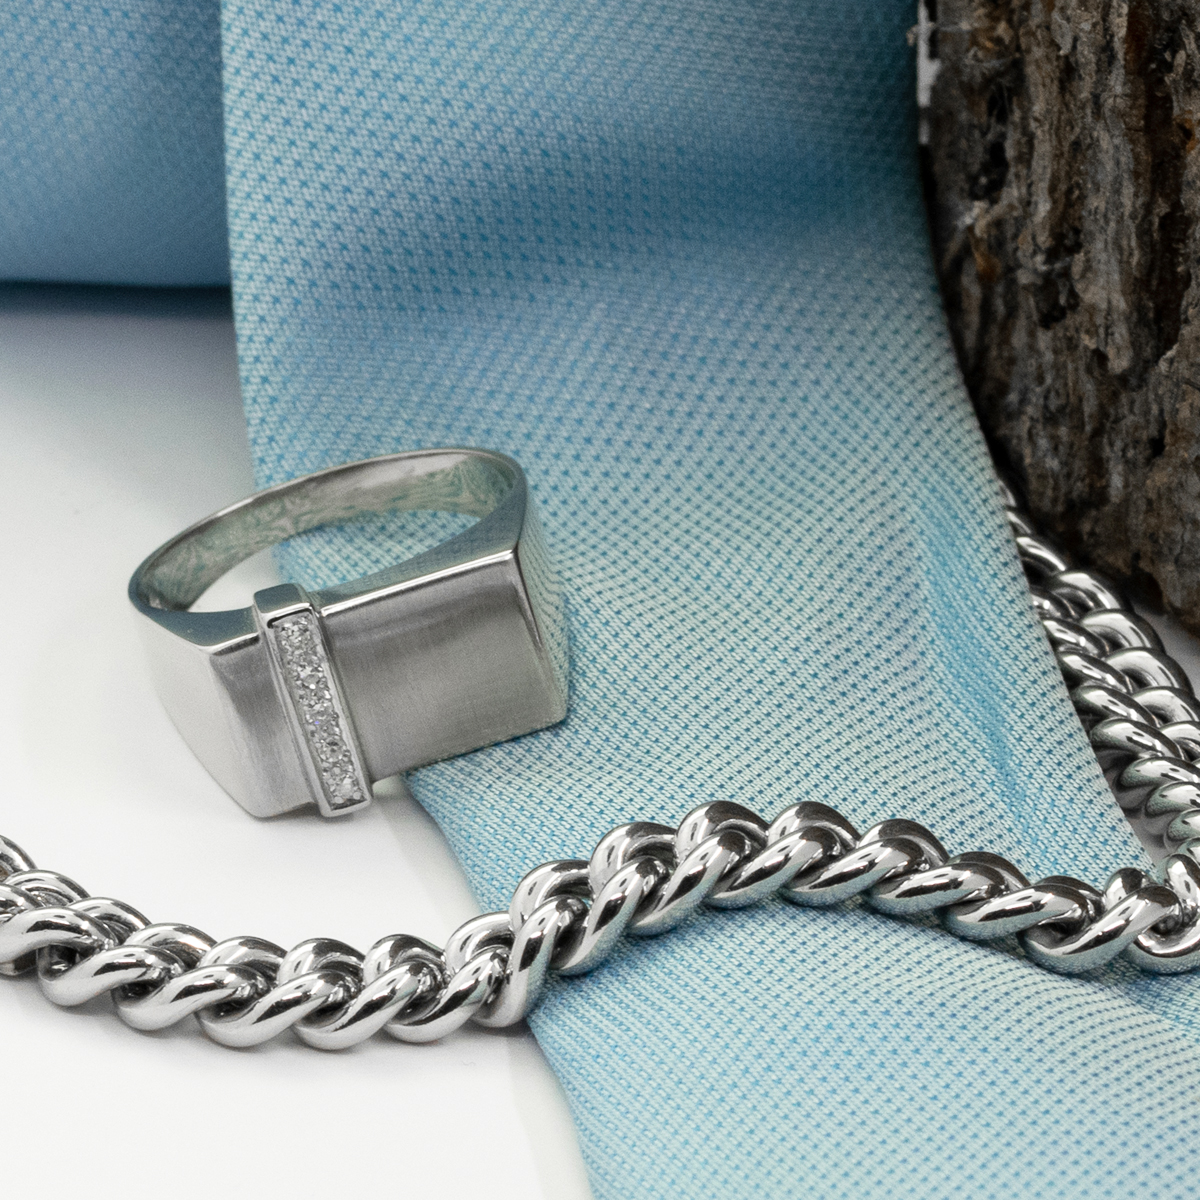 Gebraucht goldkette herren Halsketten aus